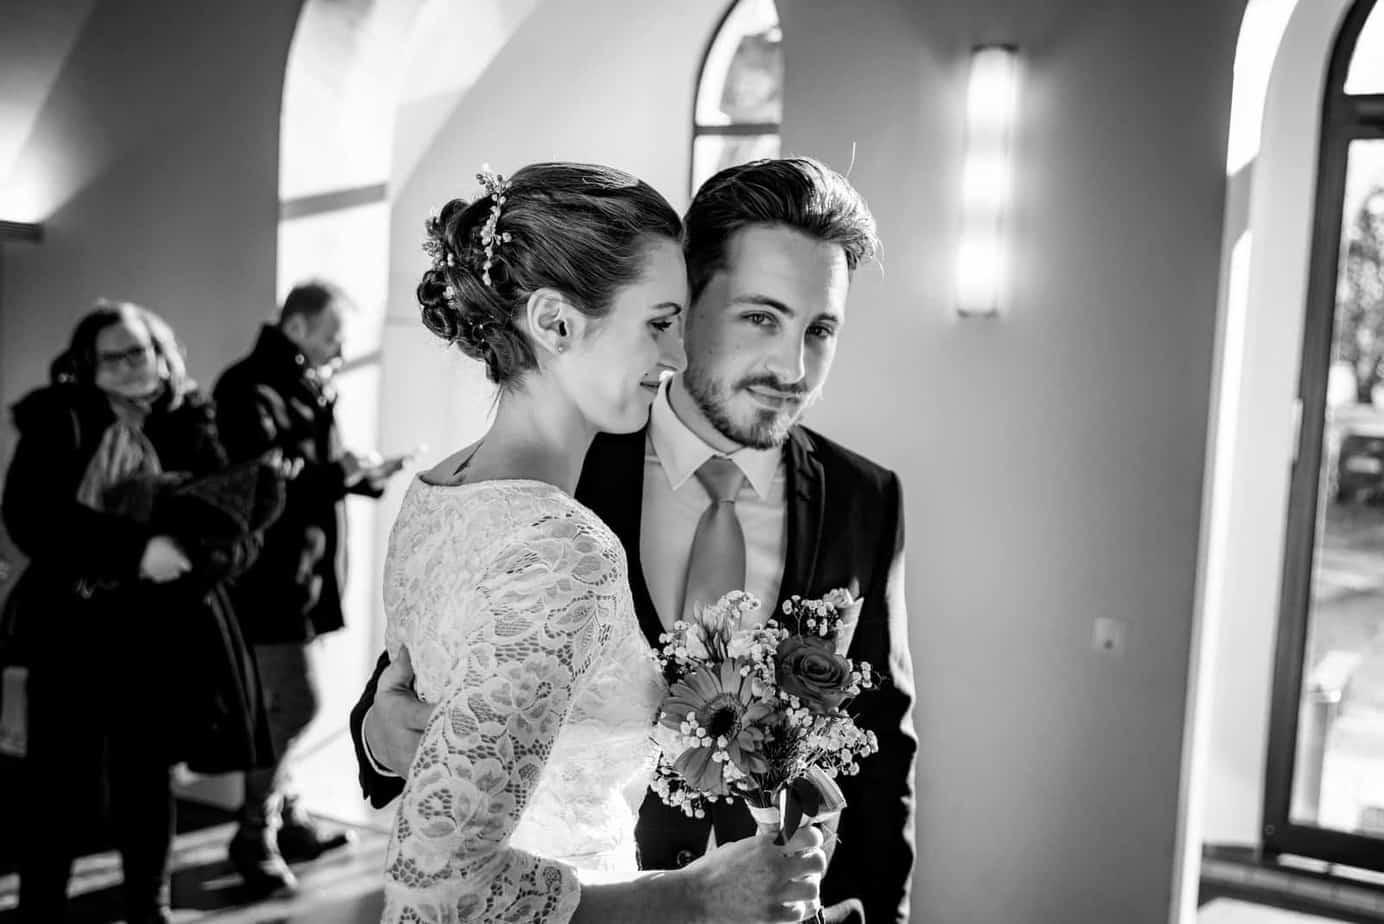 Standesamtliche Trauung Standesamt Altona Hochzeitsfotograf Hamburg Artbild Fotografie